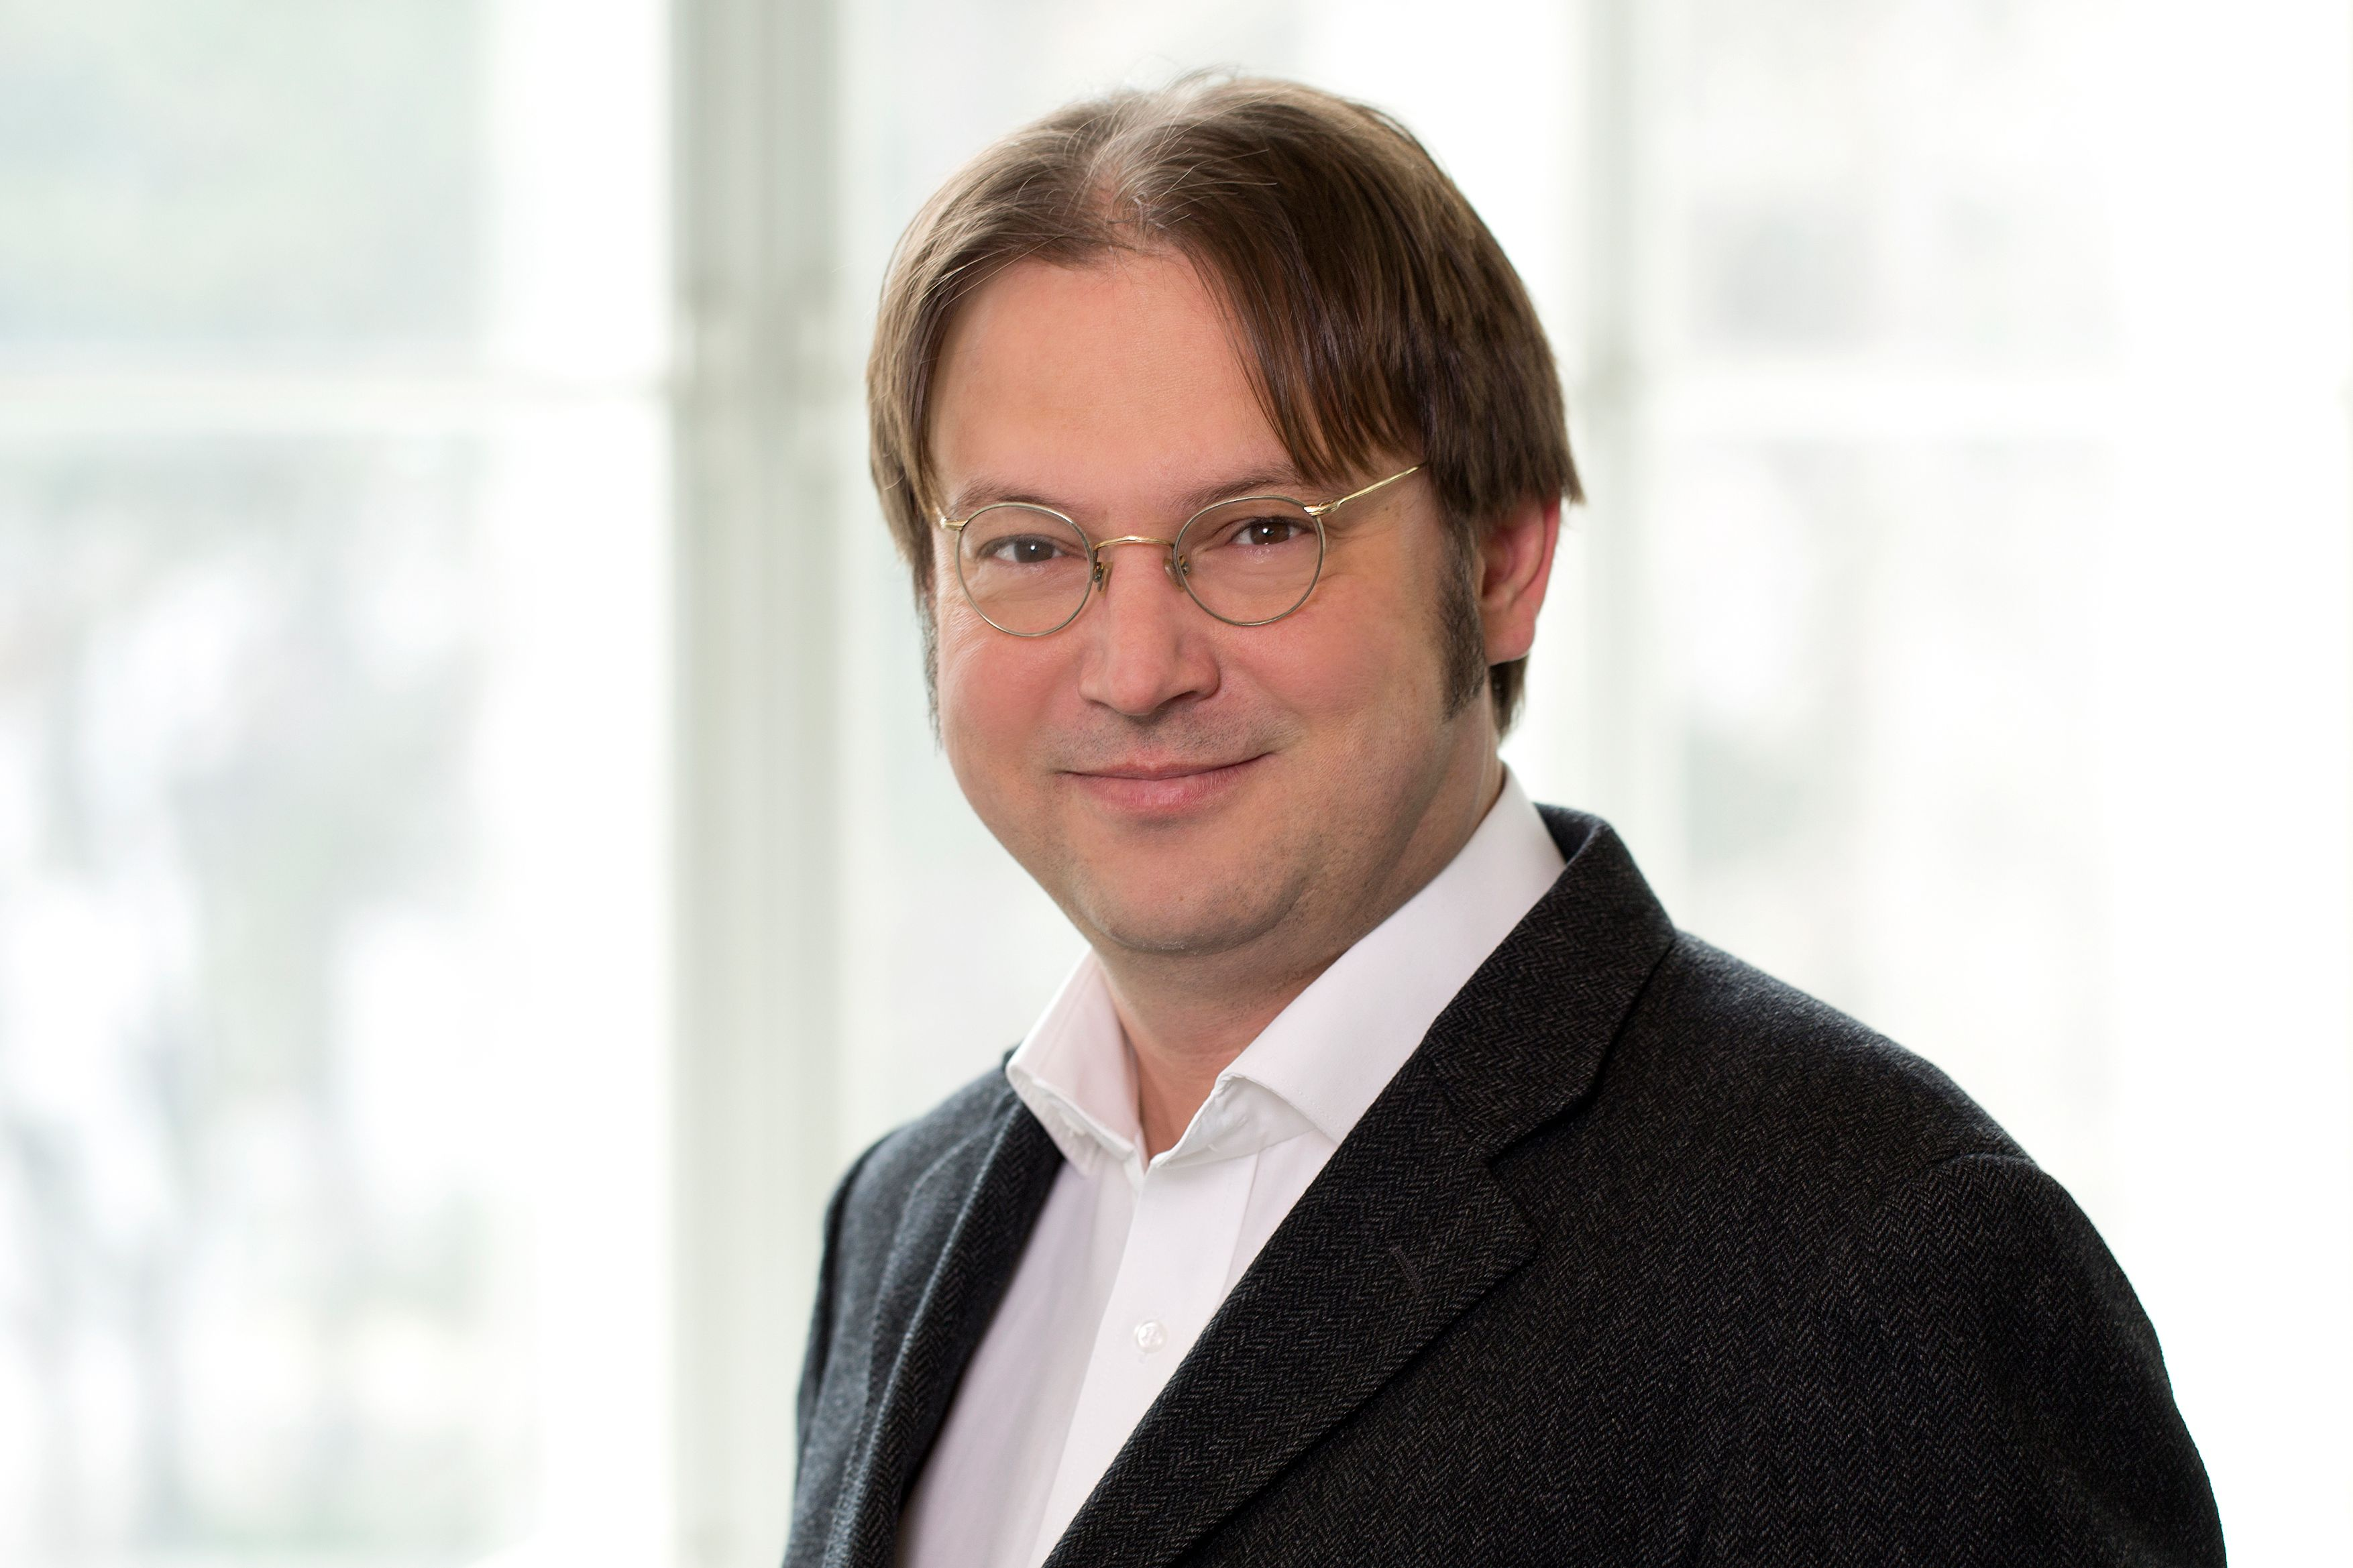 Komplexitätsforscher Stefan Thurner ist